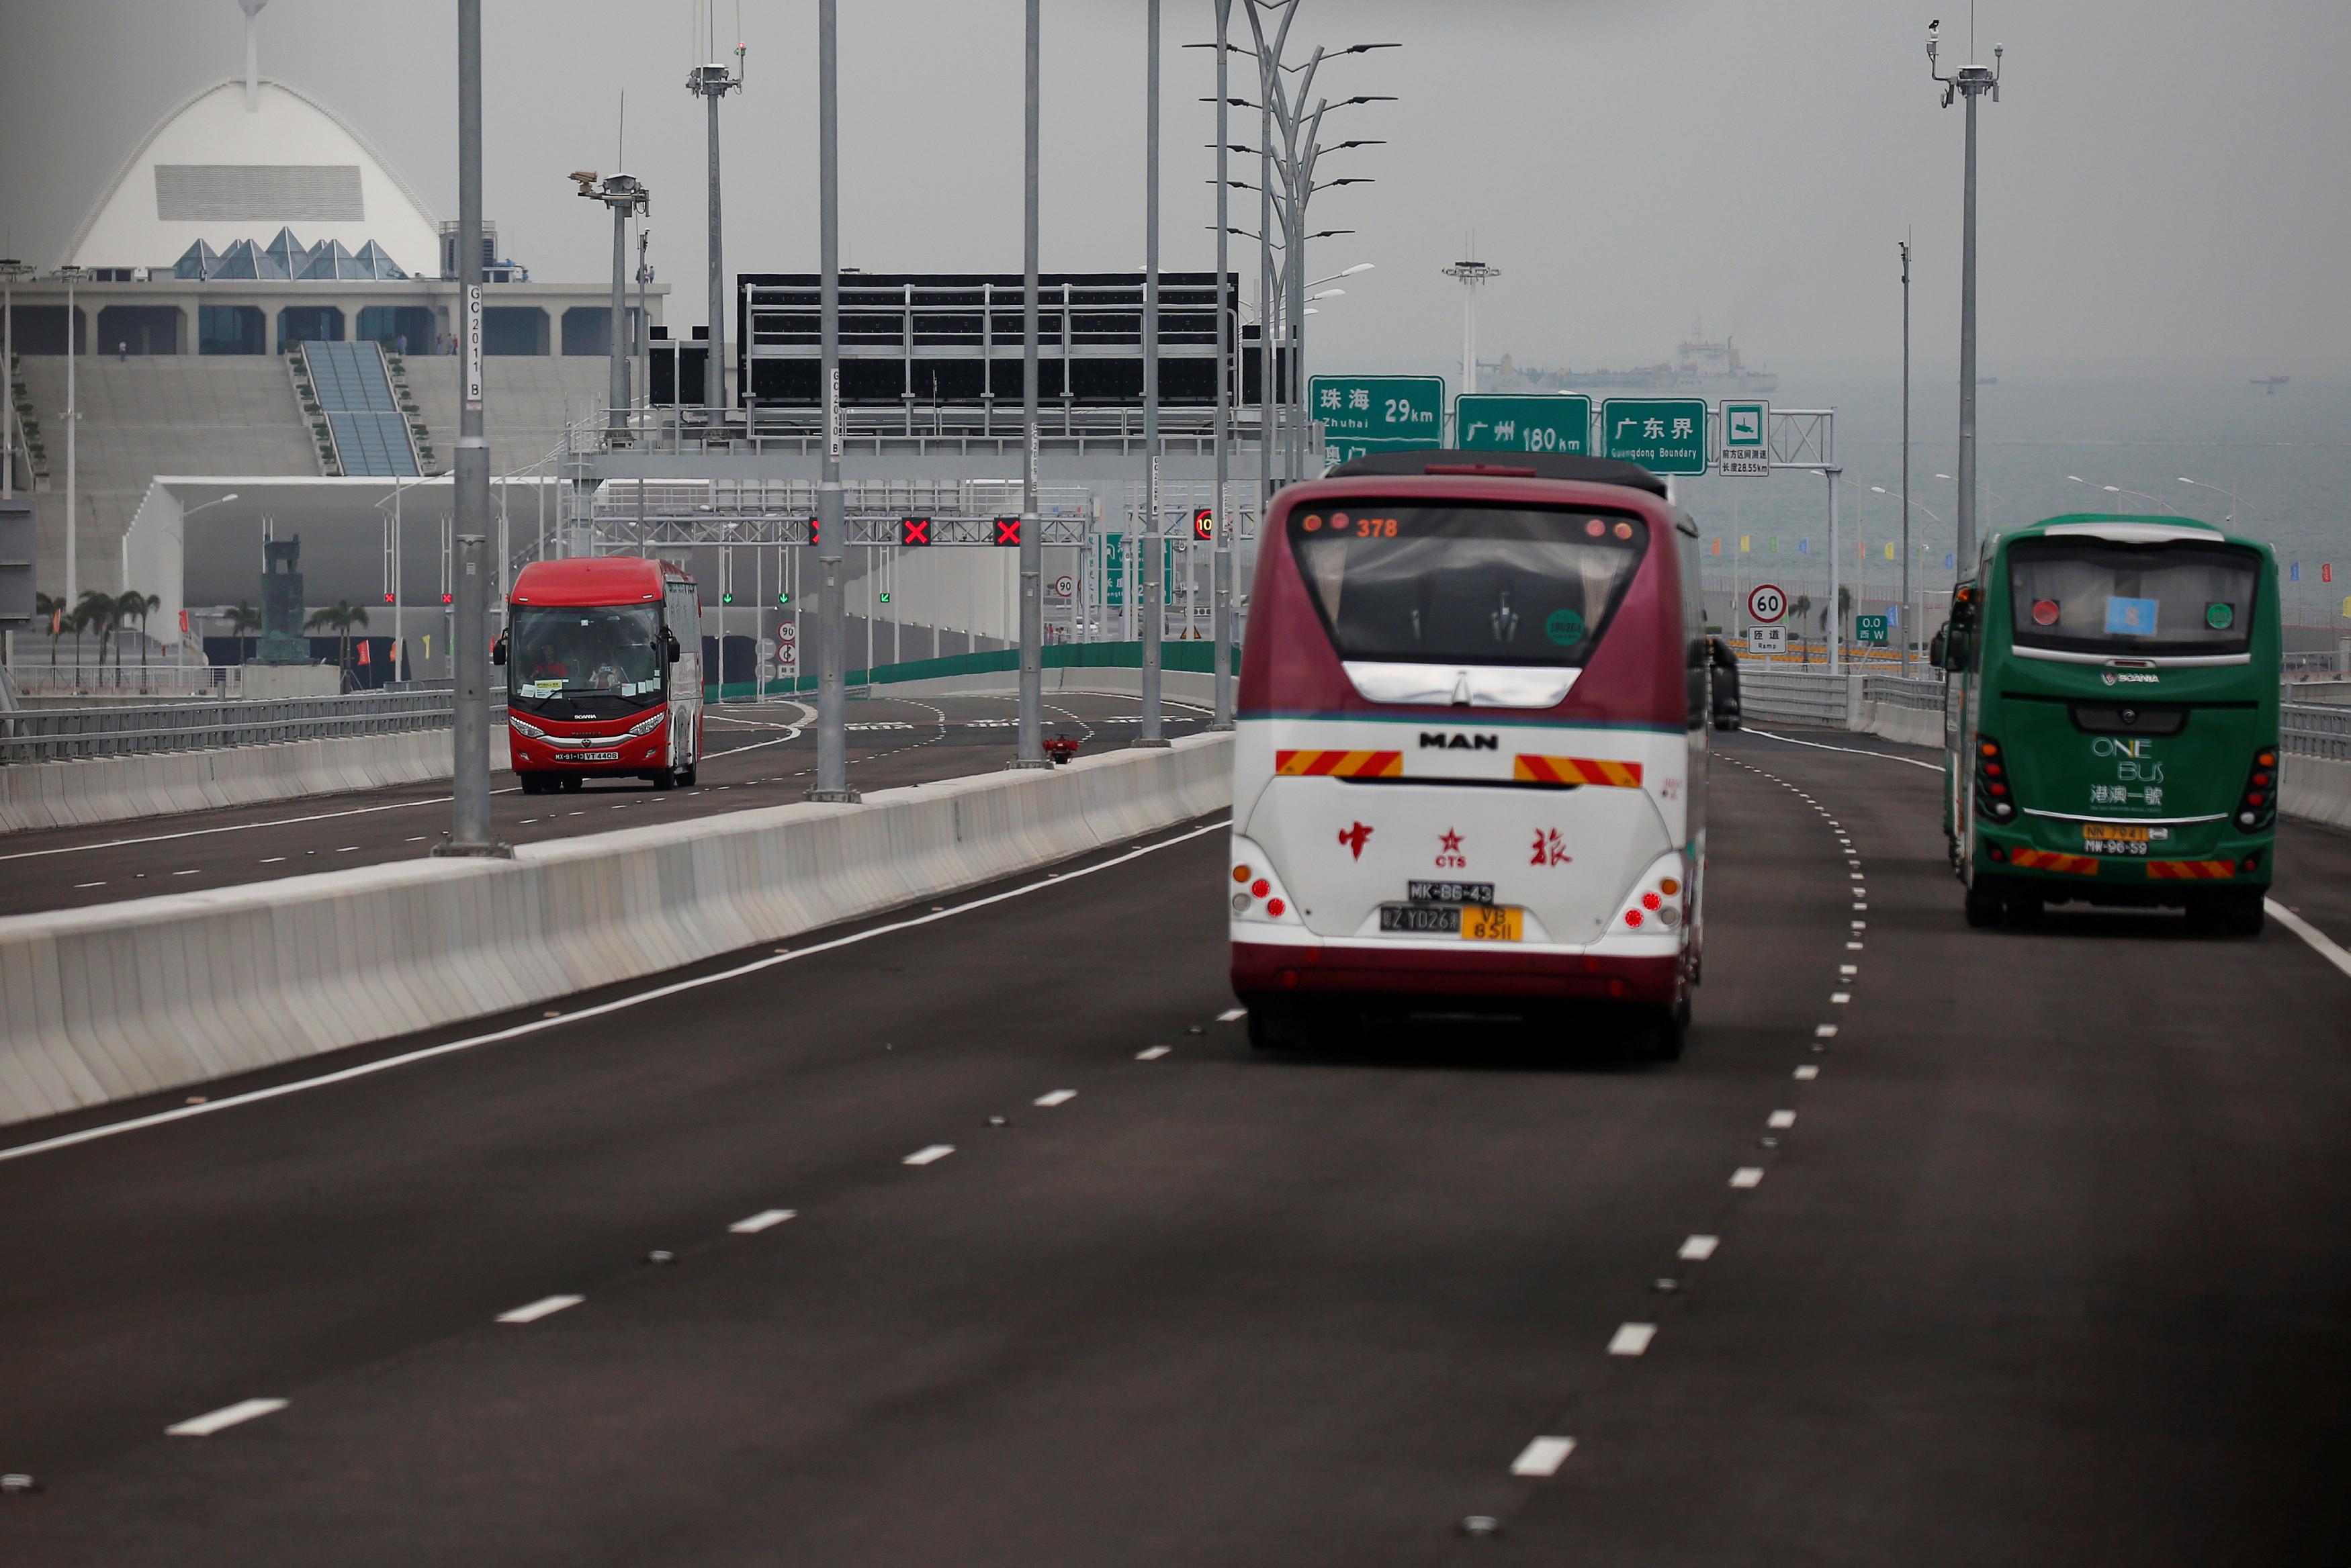 Regras vagas impedem maior fluxo de mercadorias na mega ponte da China